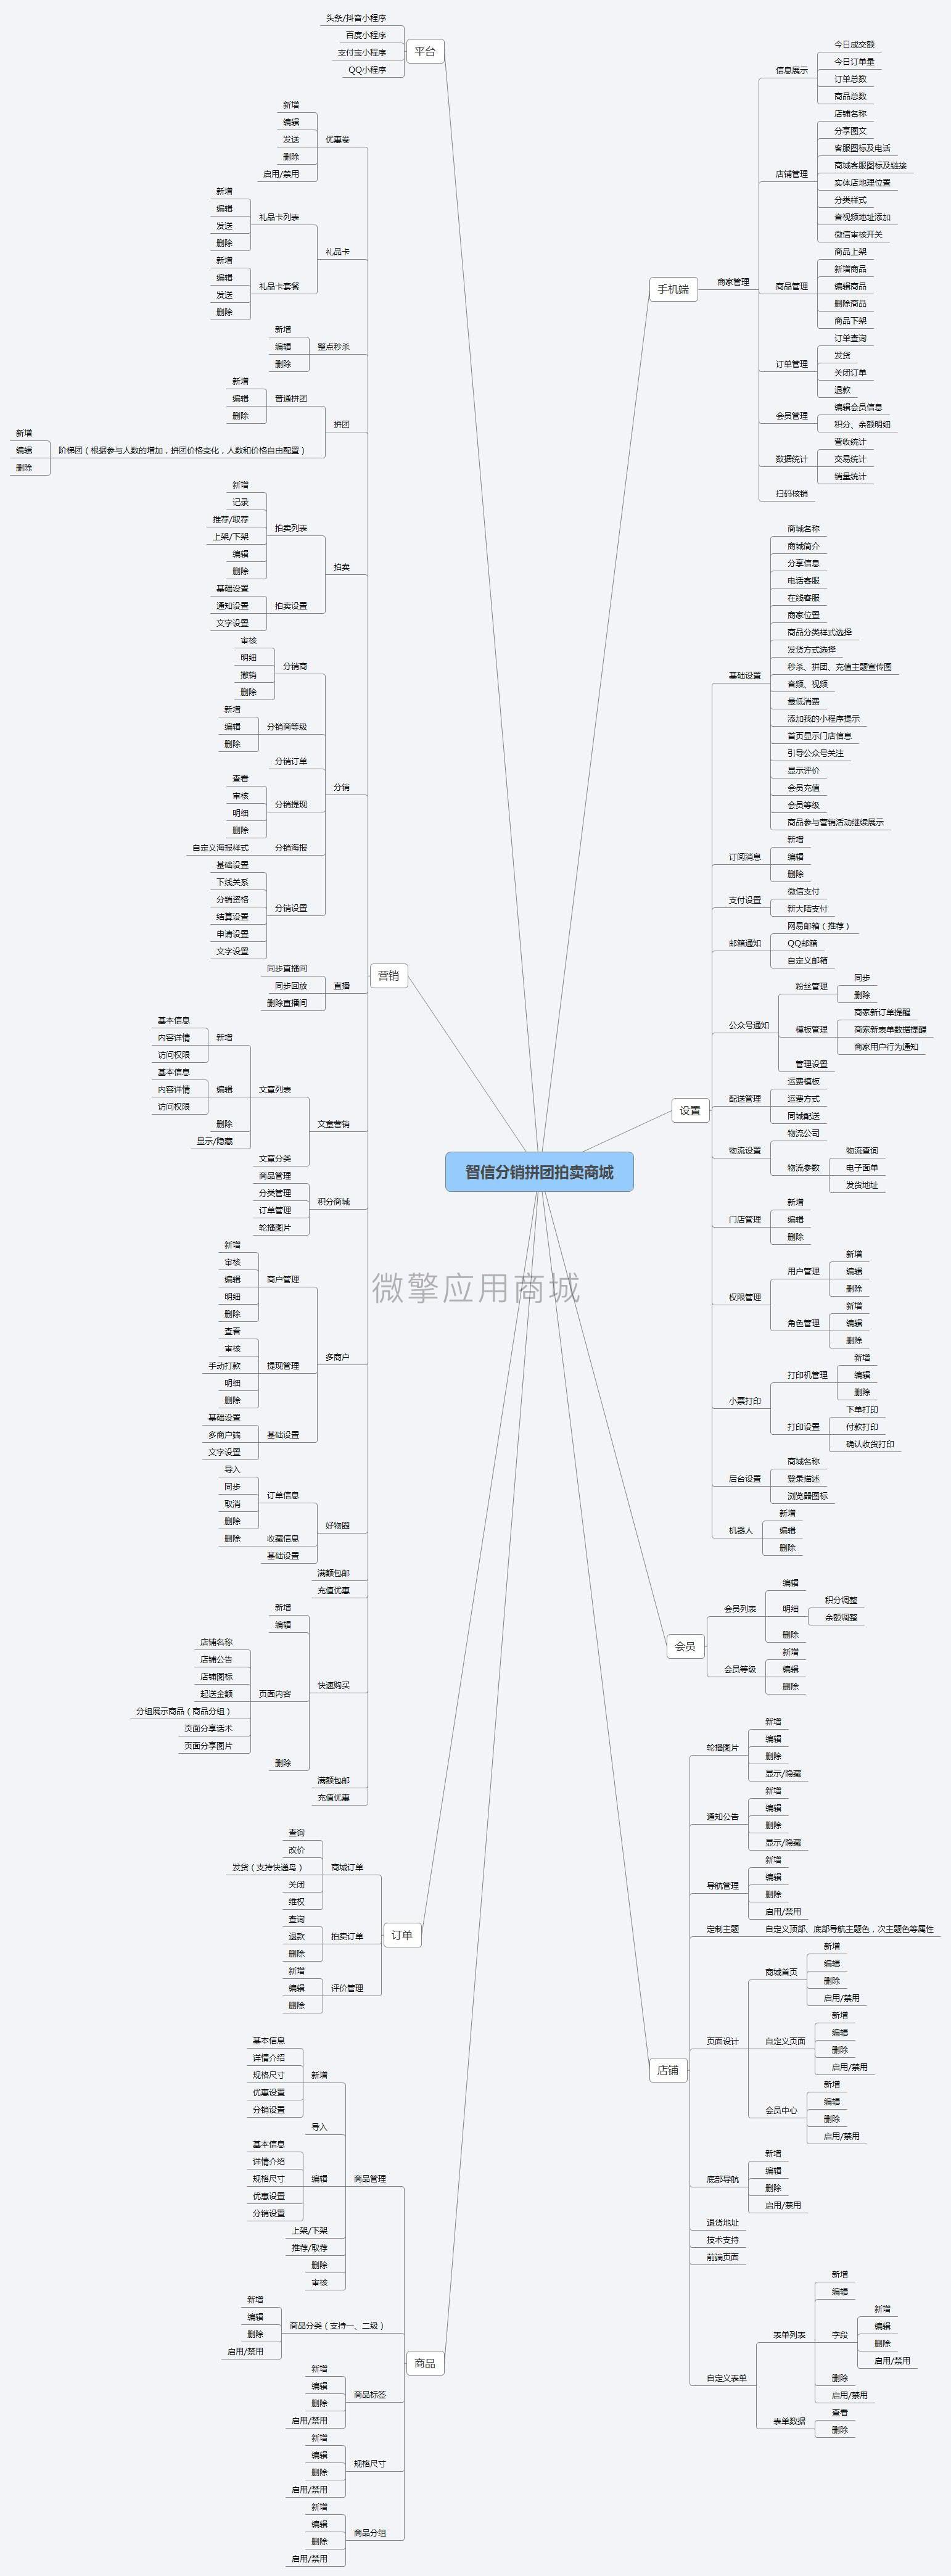 智信分销拼团拍卖商城.jpg